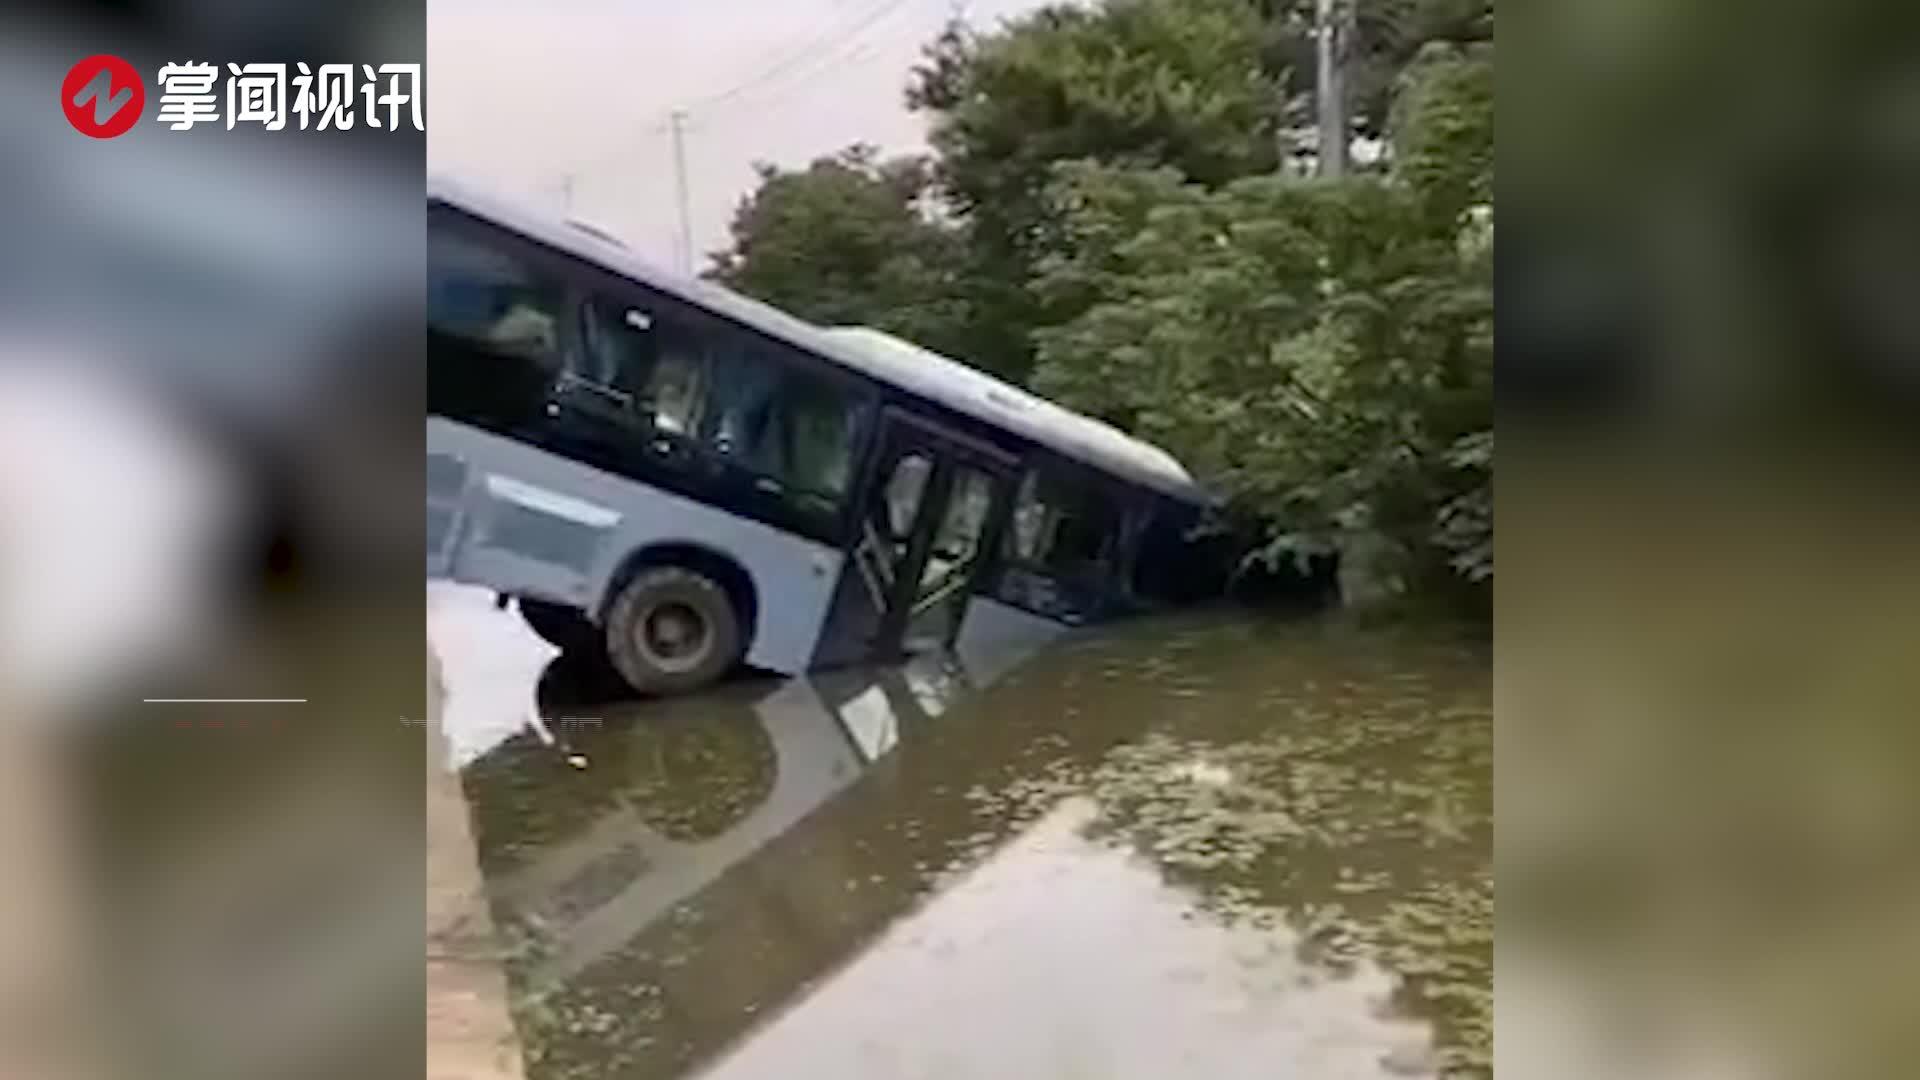 公交车与小车相撞坠入泄洪渠1死4伤 乘客被吓得大哭